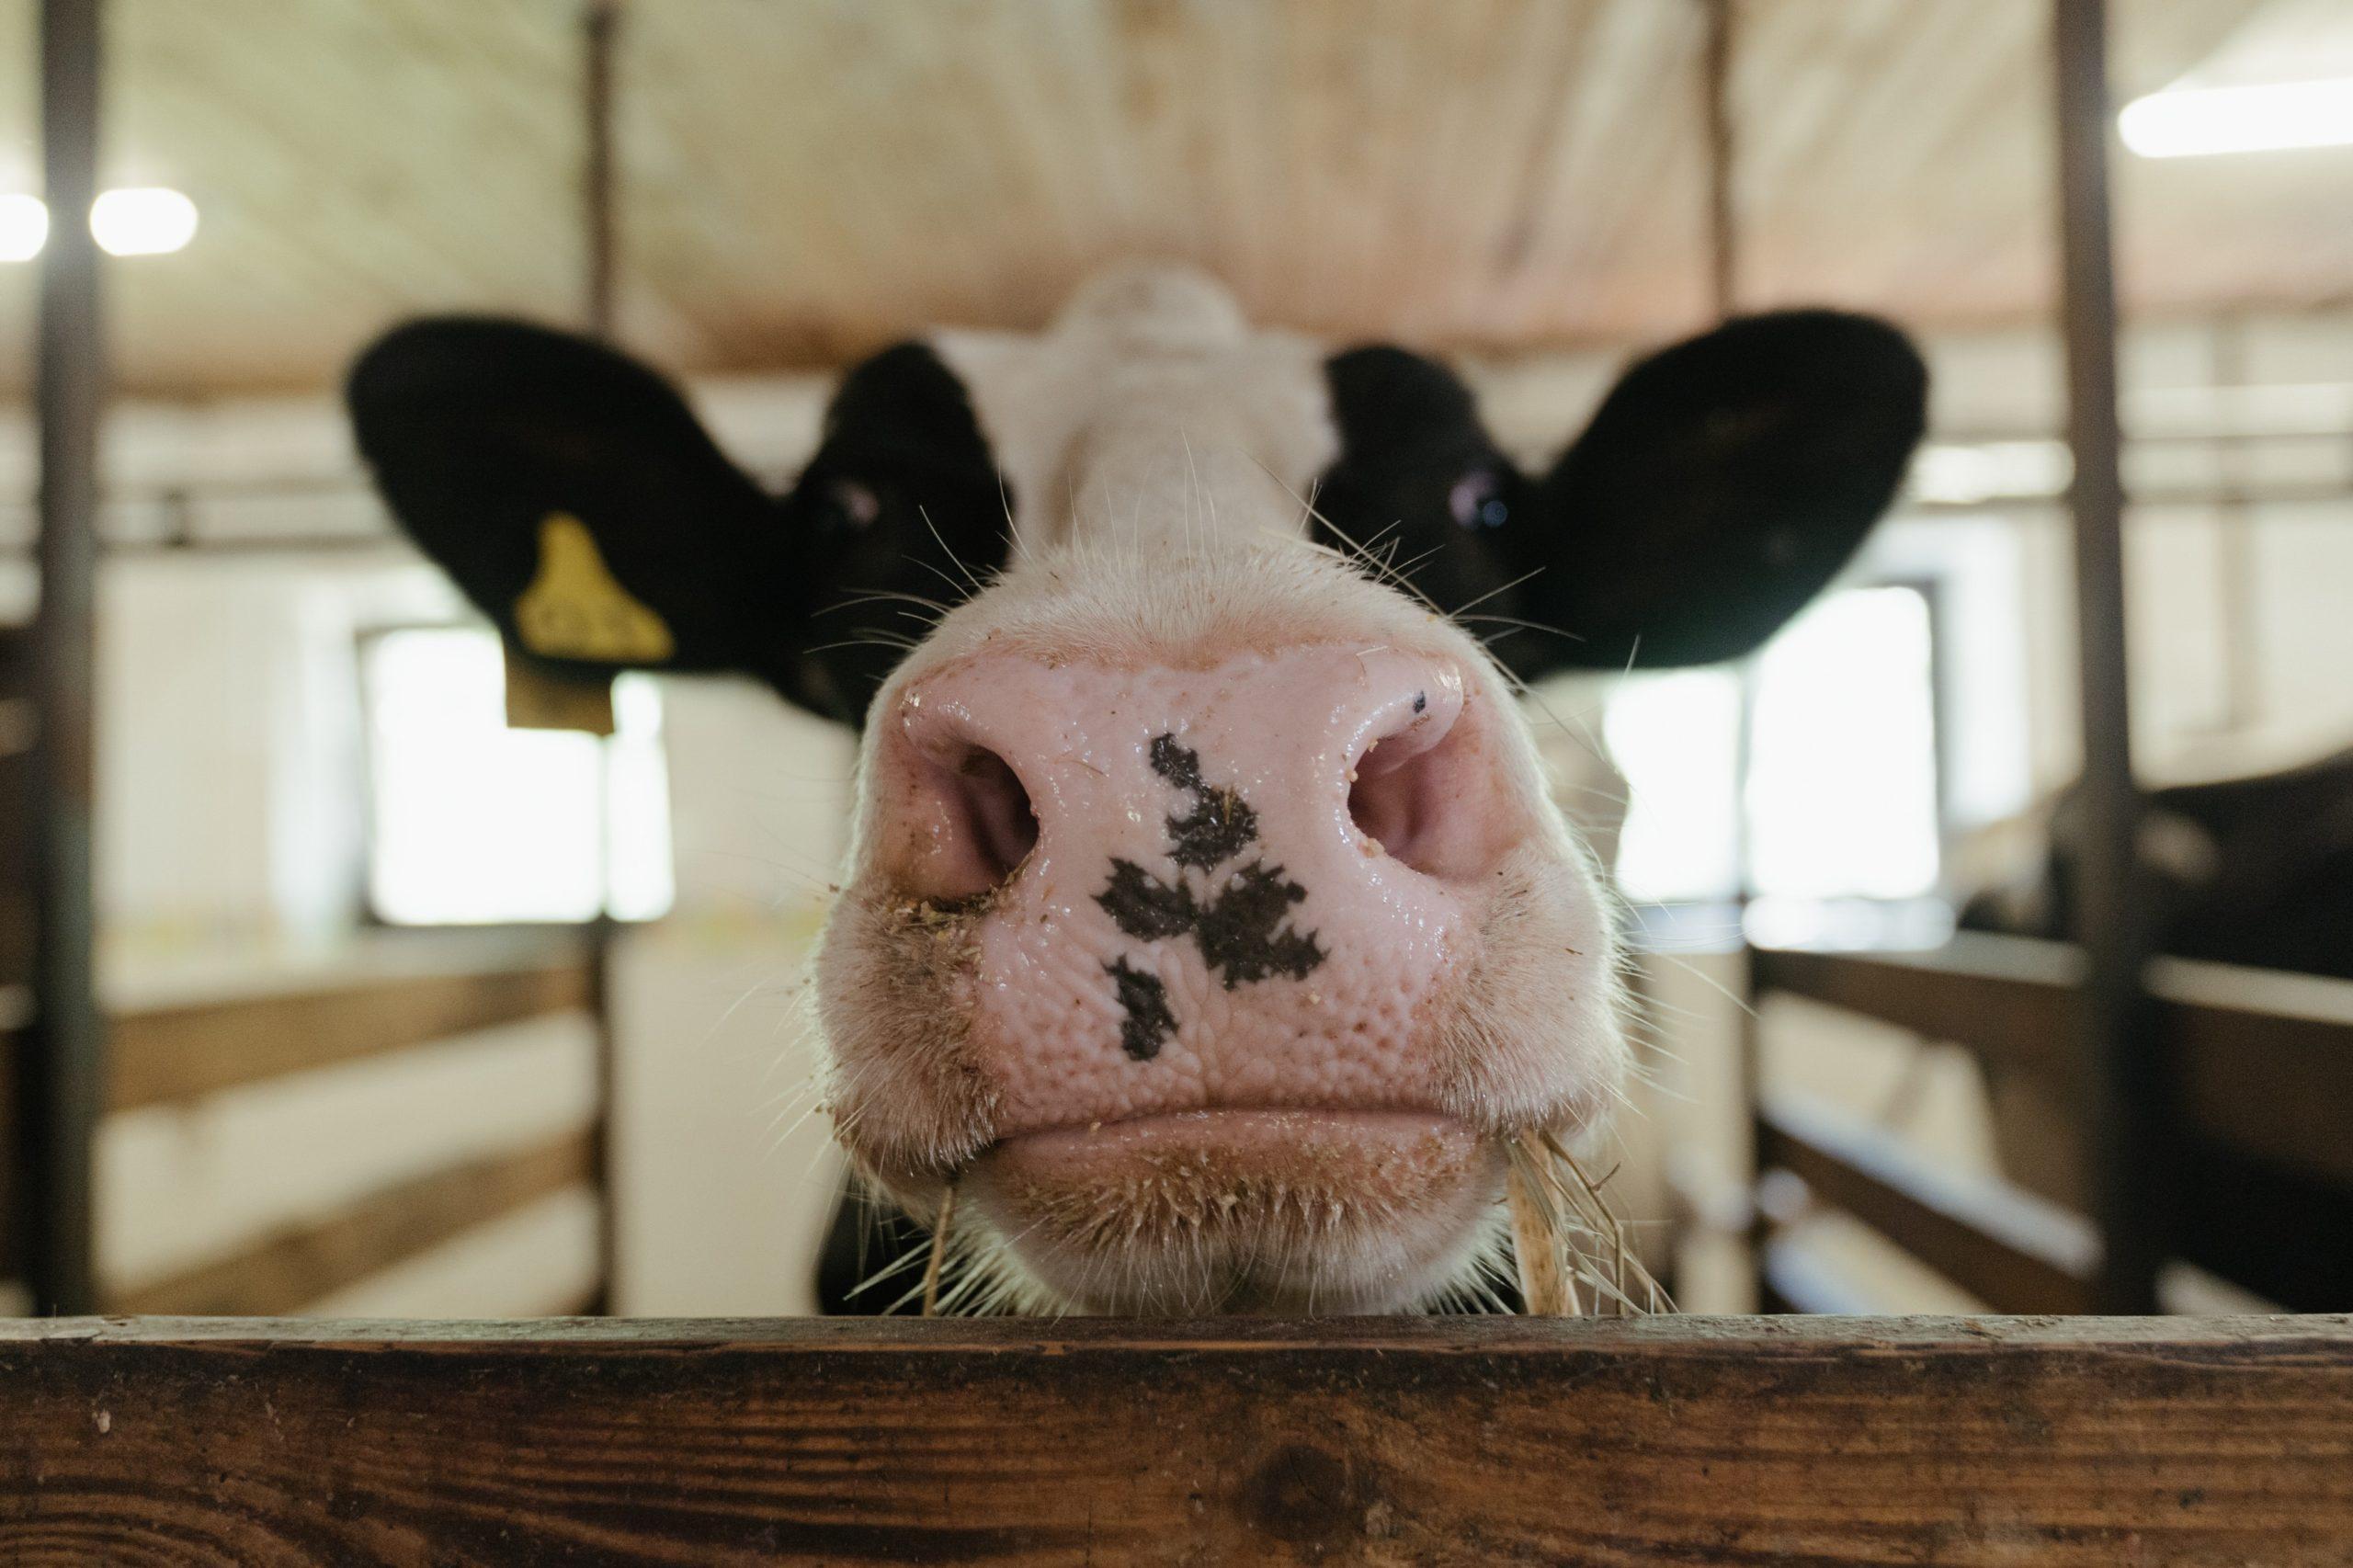 Brasil y su terrible manera de producir carne para consumo humano